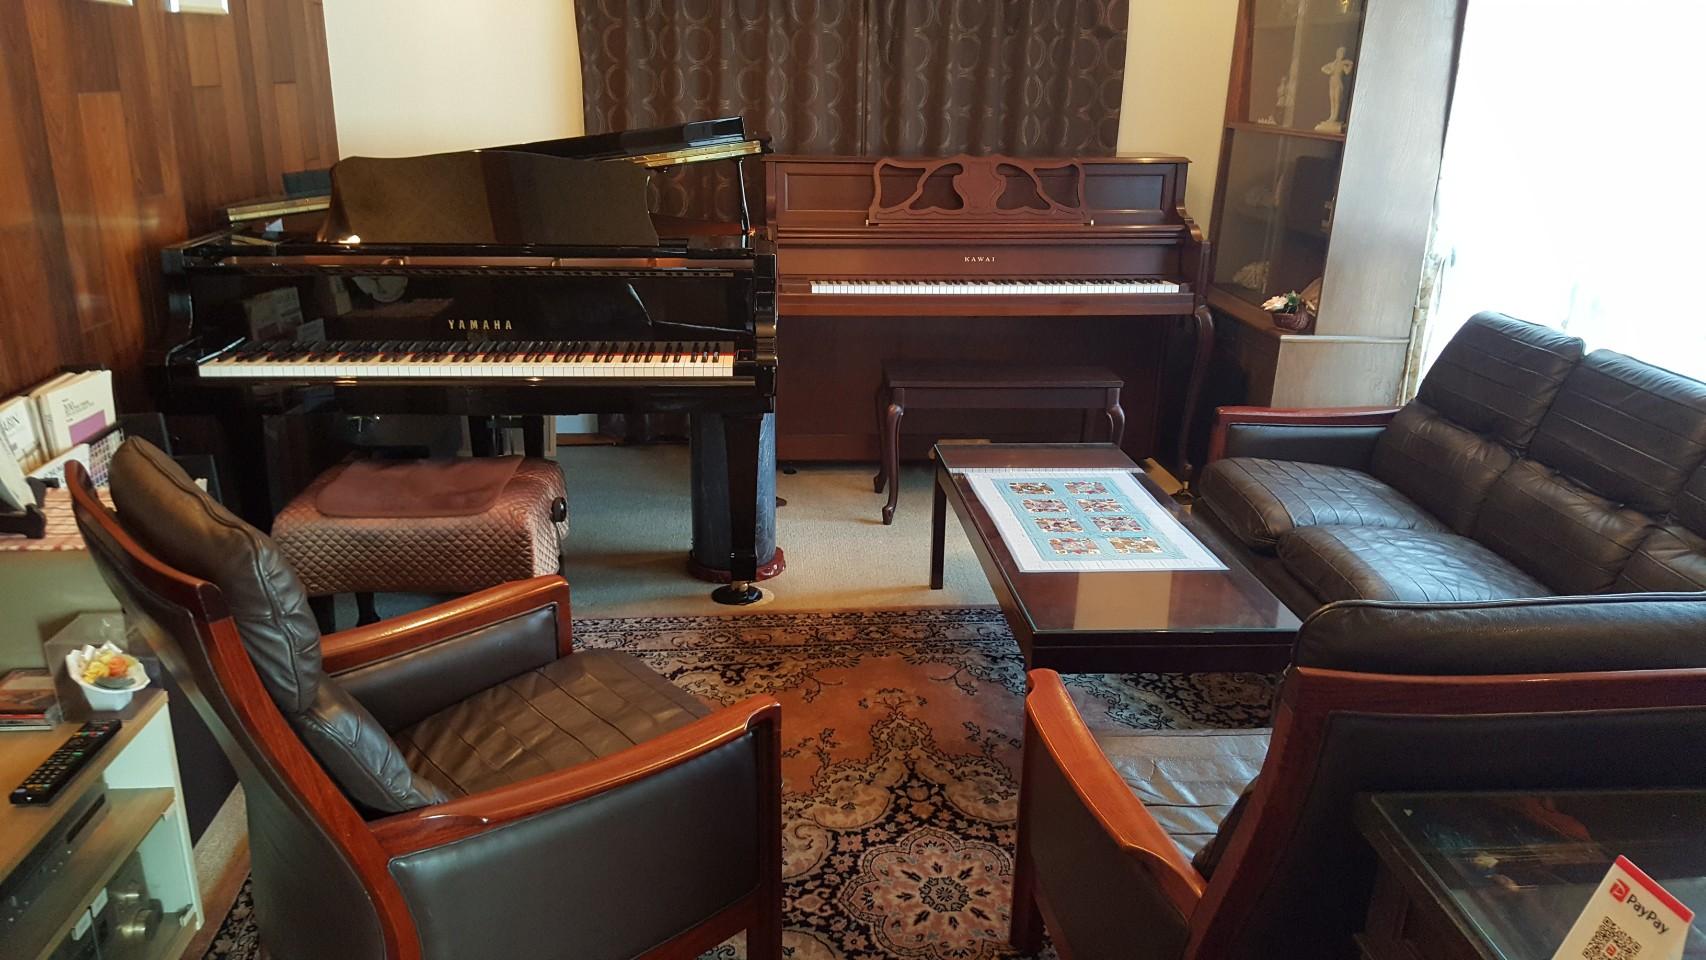 サロン内 - グランドピアノサロン 風の音 縦型ピアノ利用(2名様以内)の室内の写真